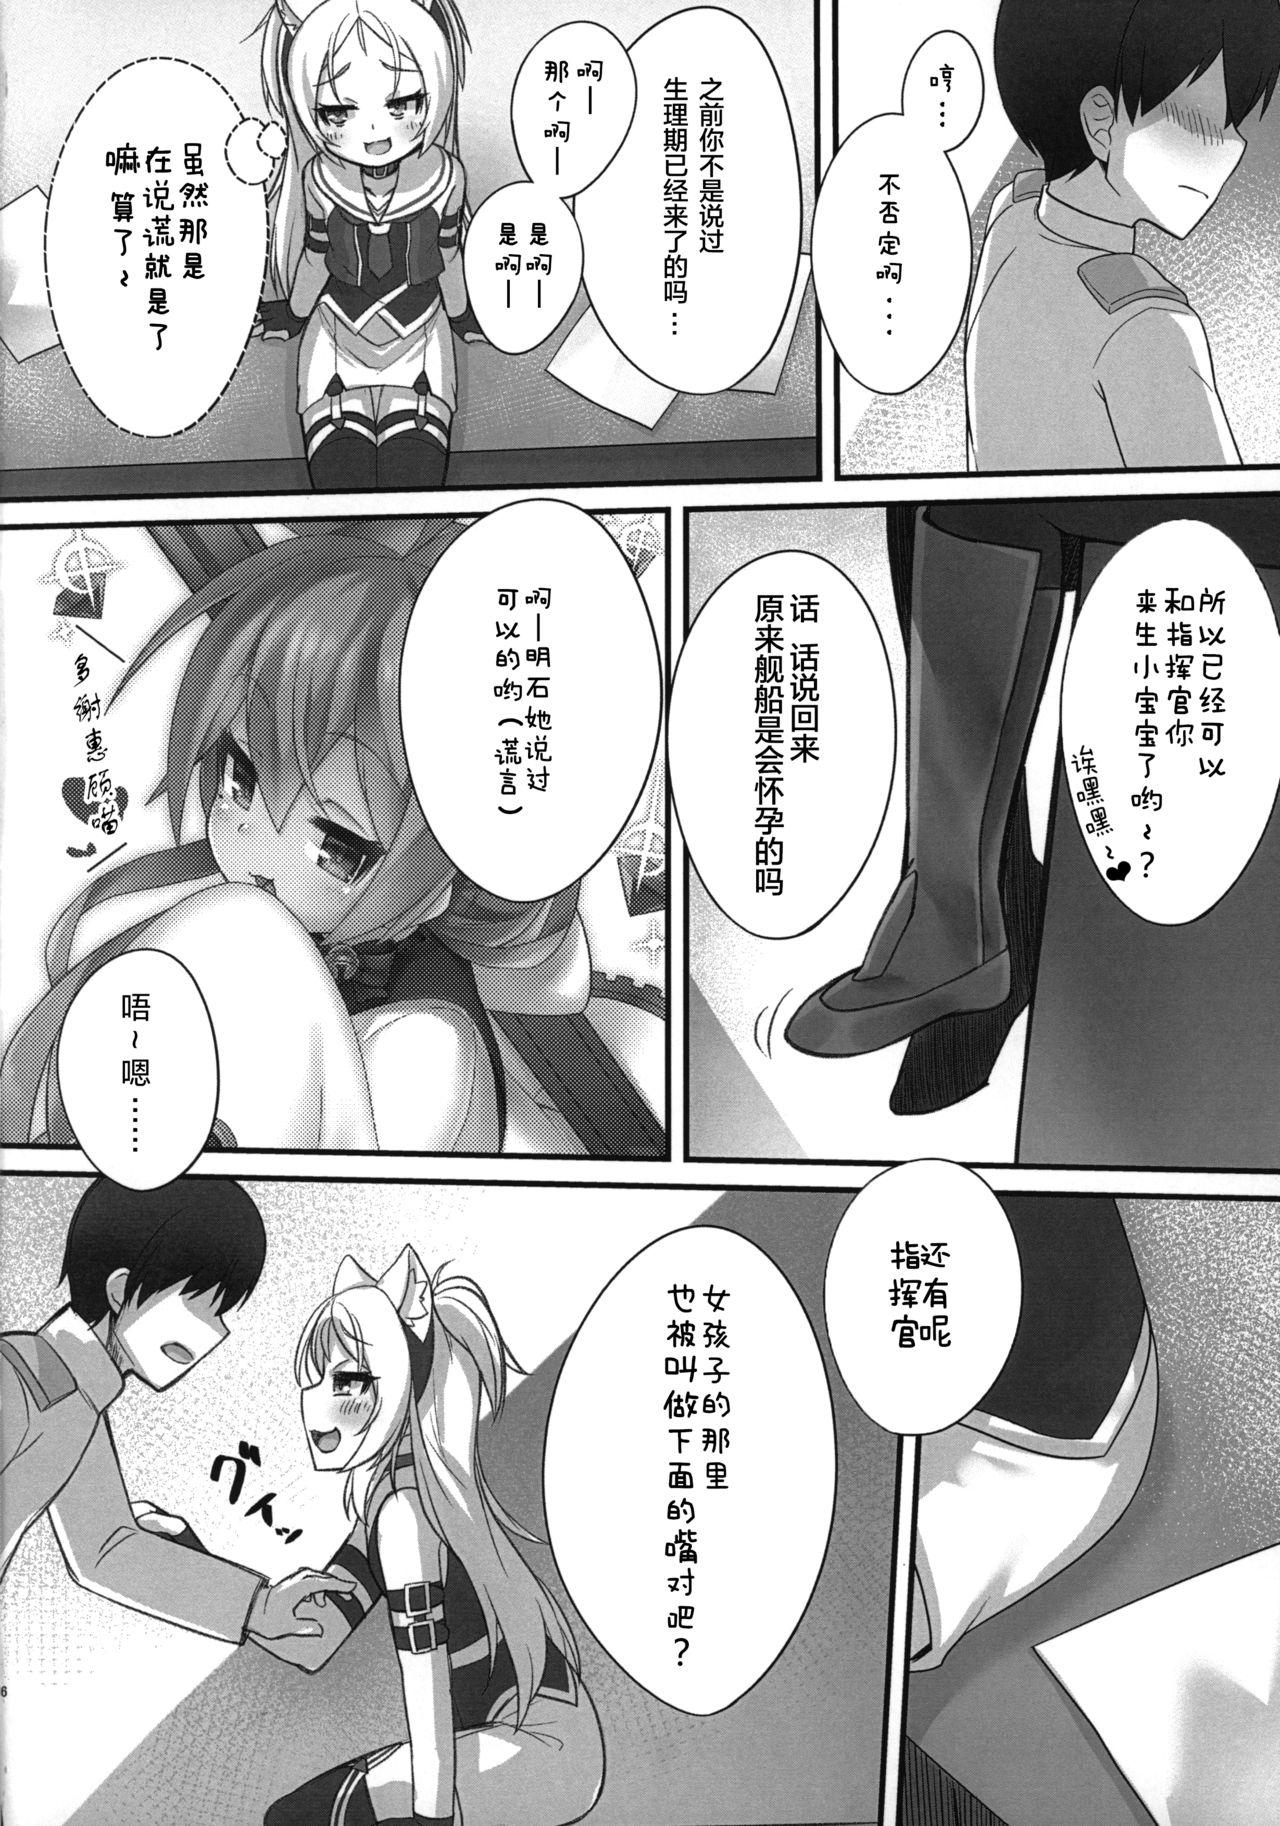 Shikikan-saa~ Kouiu no Suki desho? 5